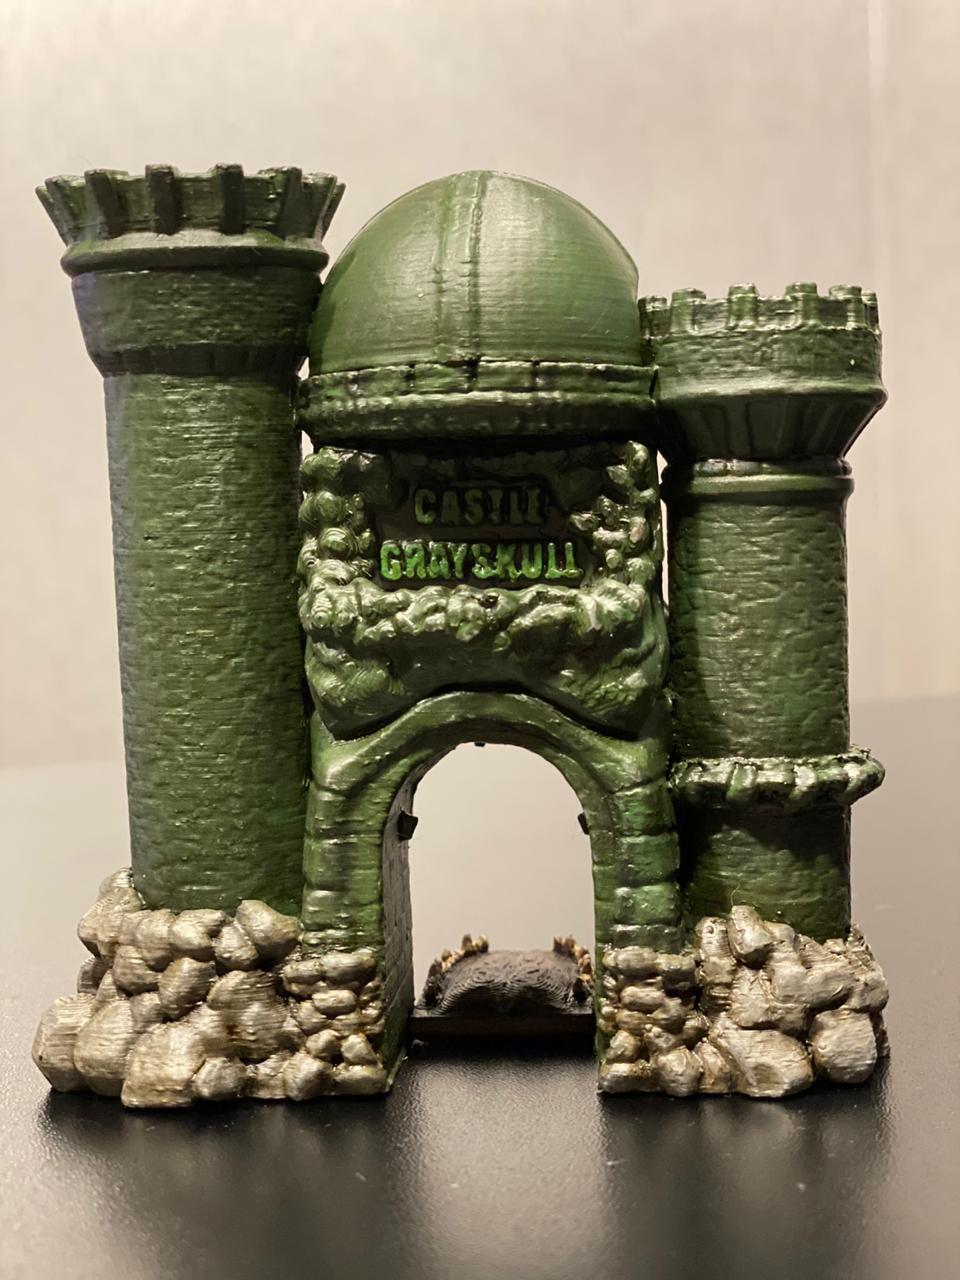 Réplica Edição Limitada Castelo de Grayskull Mini Edition 10cm He-Man Castle Of Grayskull Mini Limited Edition 10cm Pequeno